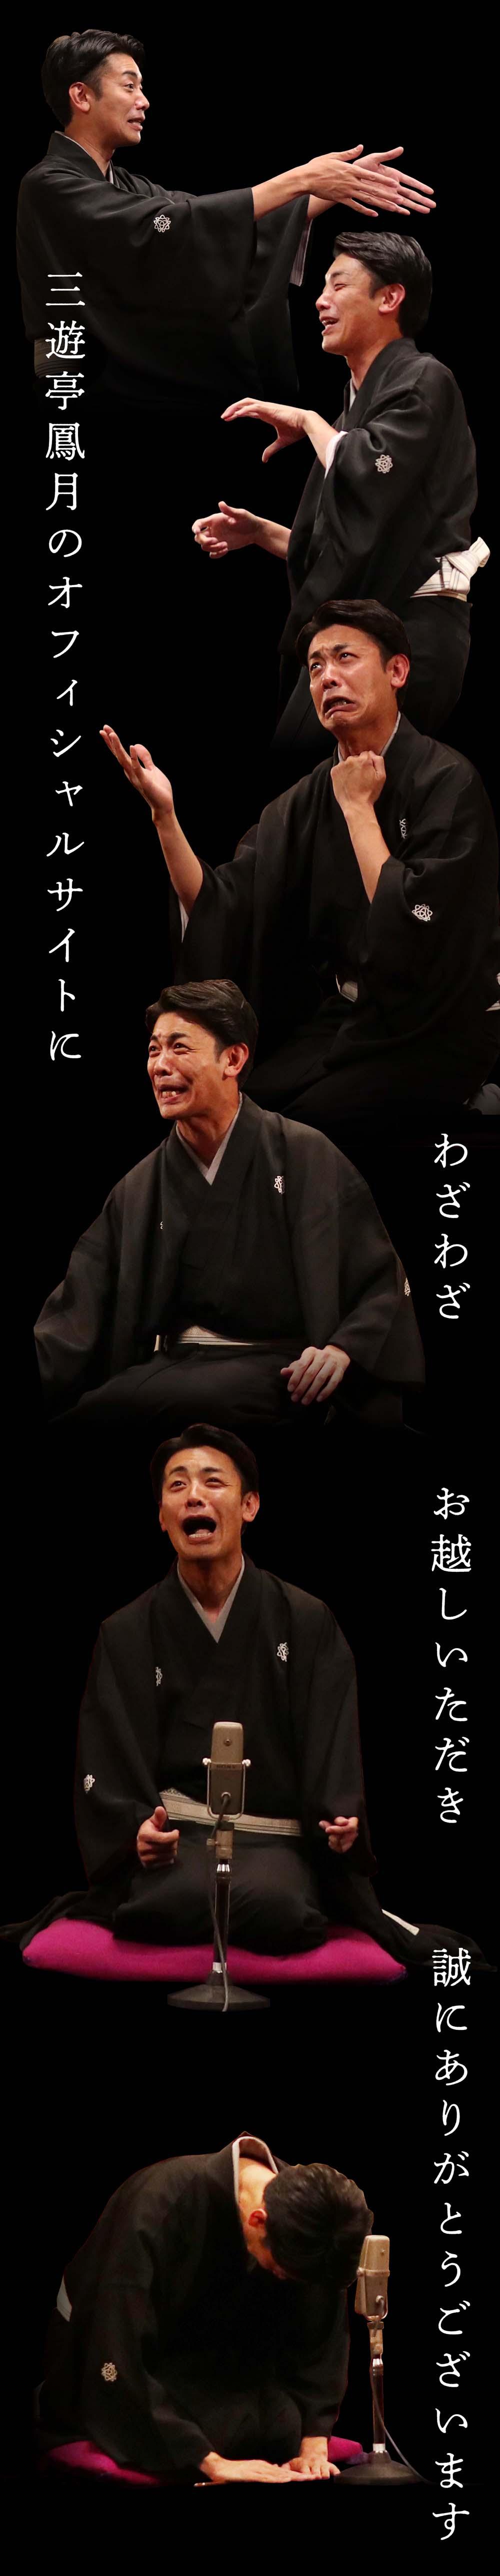 三遊亭鳳月のオフィシャルサイトにわざわざお越しいただき誠にありがとうございます